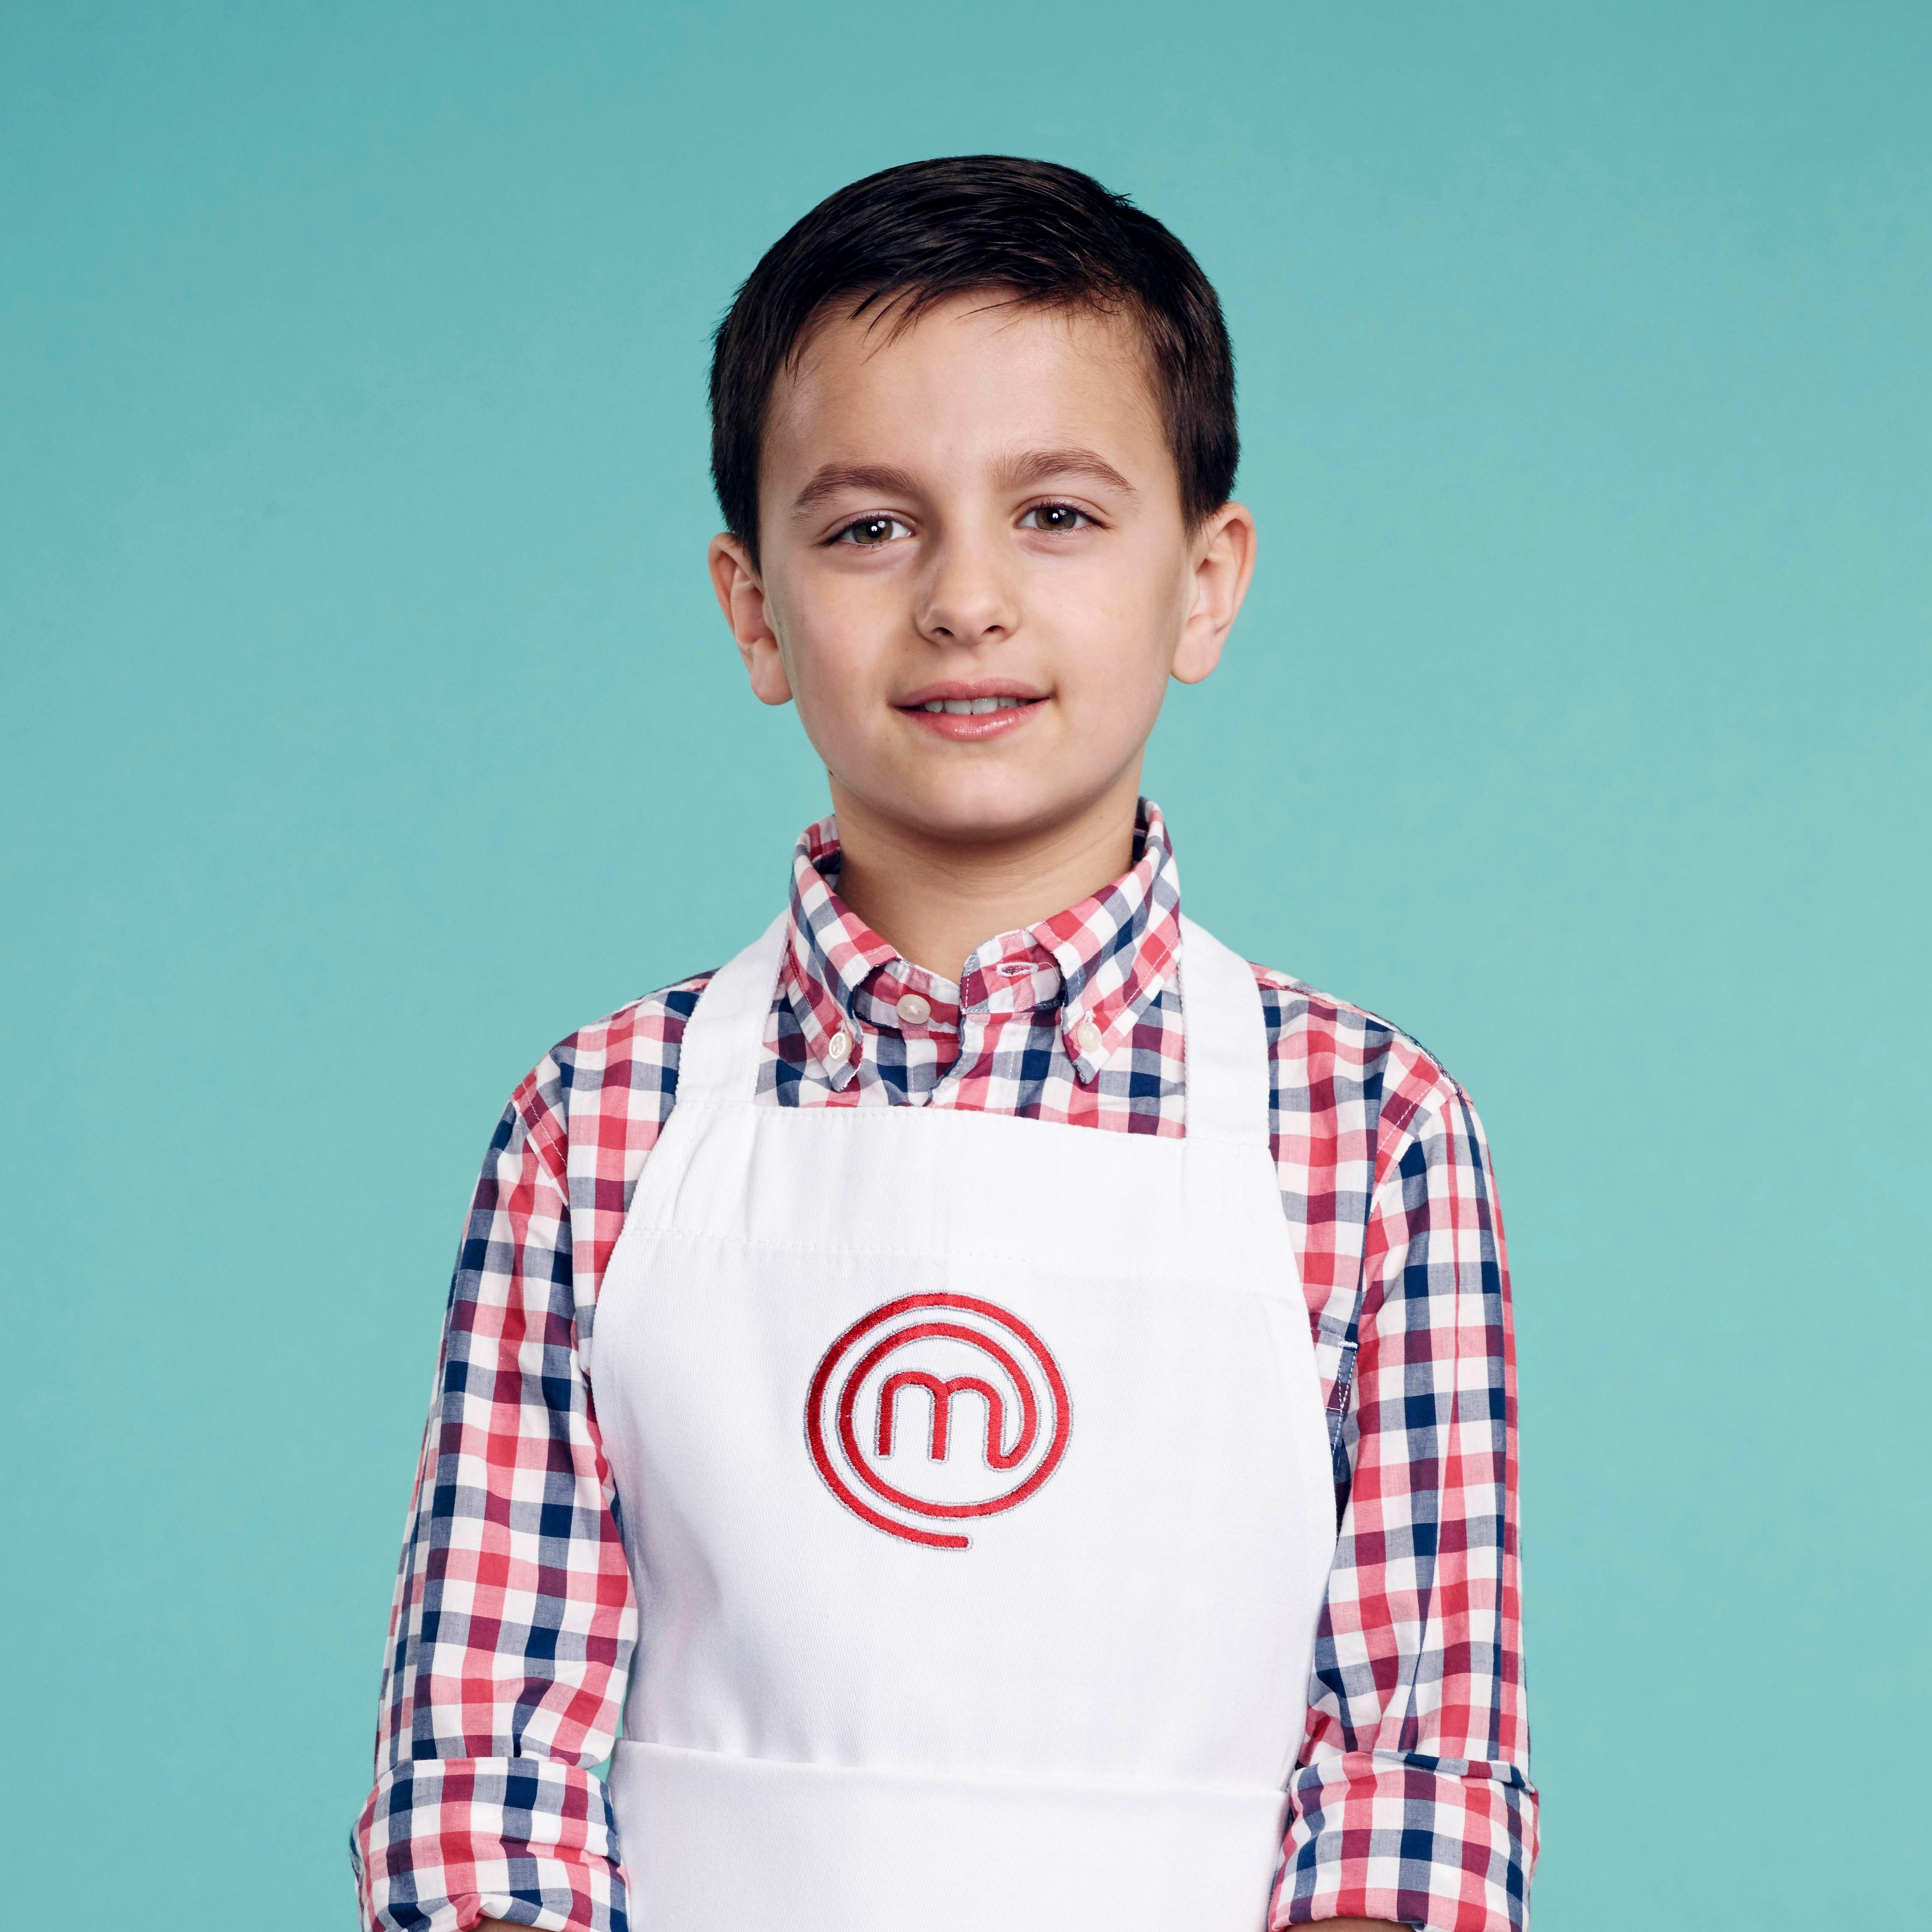 Donovan Milstein, contestant on MasterChef Junior Season: Chinese Smashed Cucumber